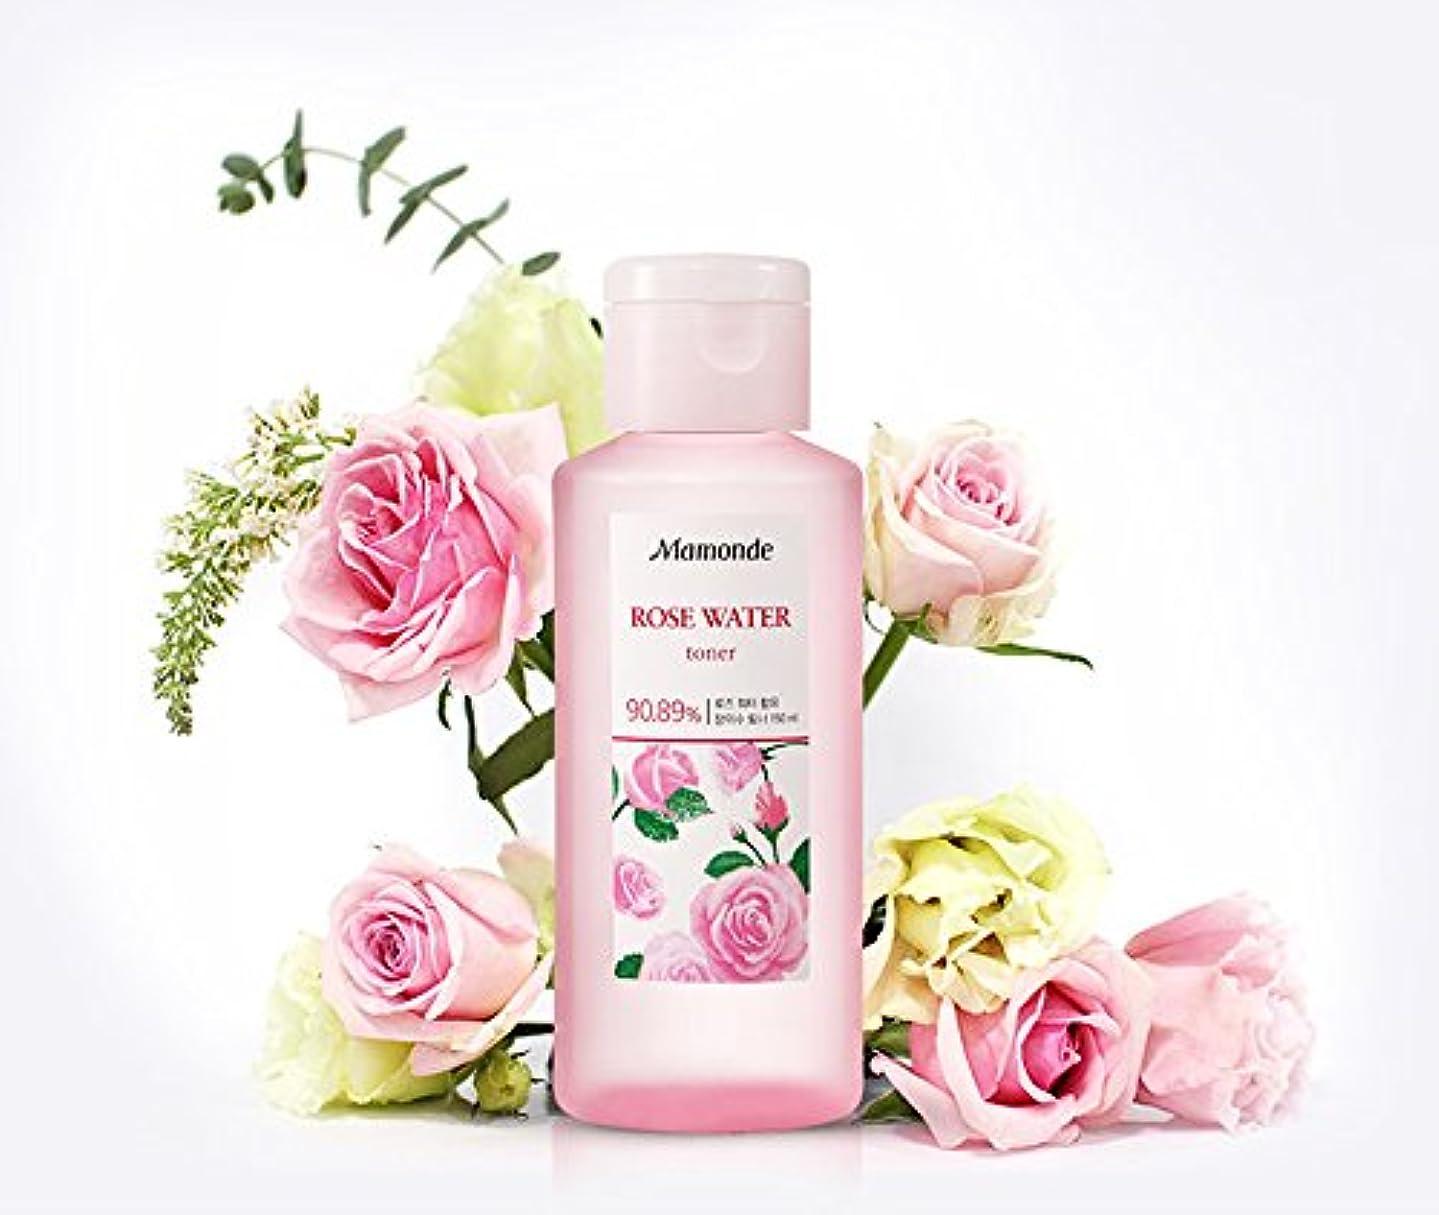 一口関係一般韓国 コスメ Mamonde - マモンド ローズウォーター トナー 150ml Mamonde Rose Water Tone 150ml